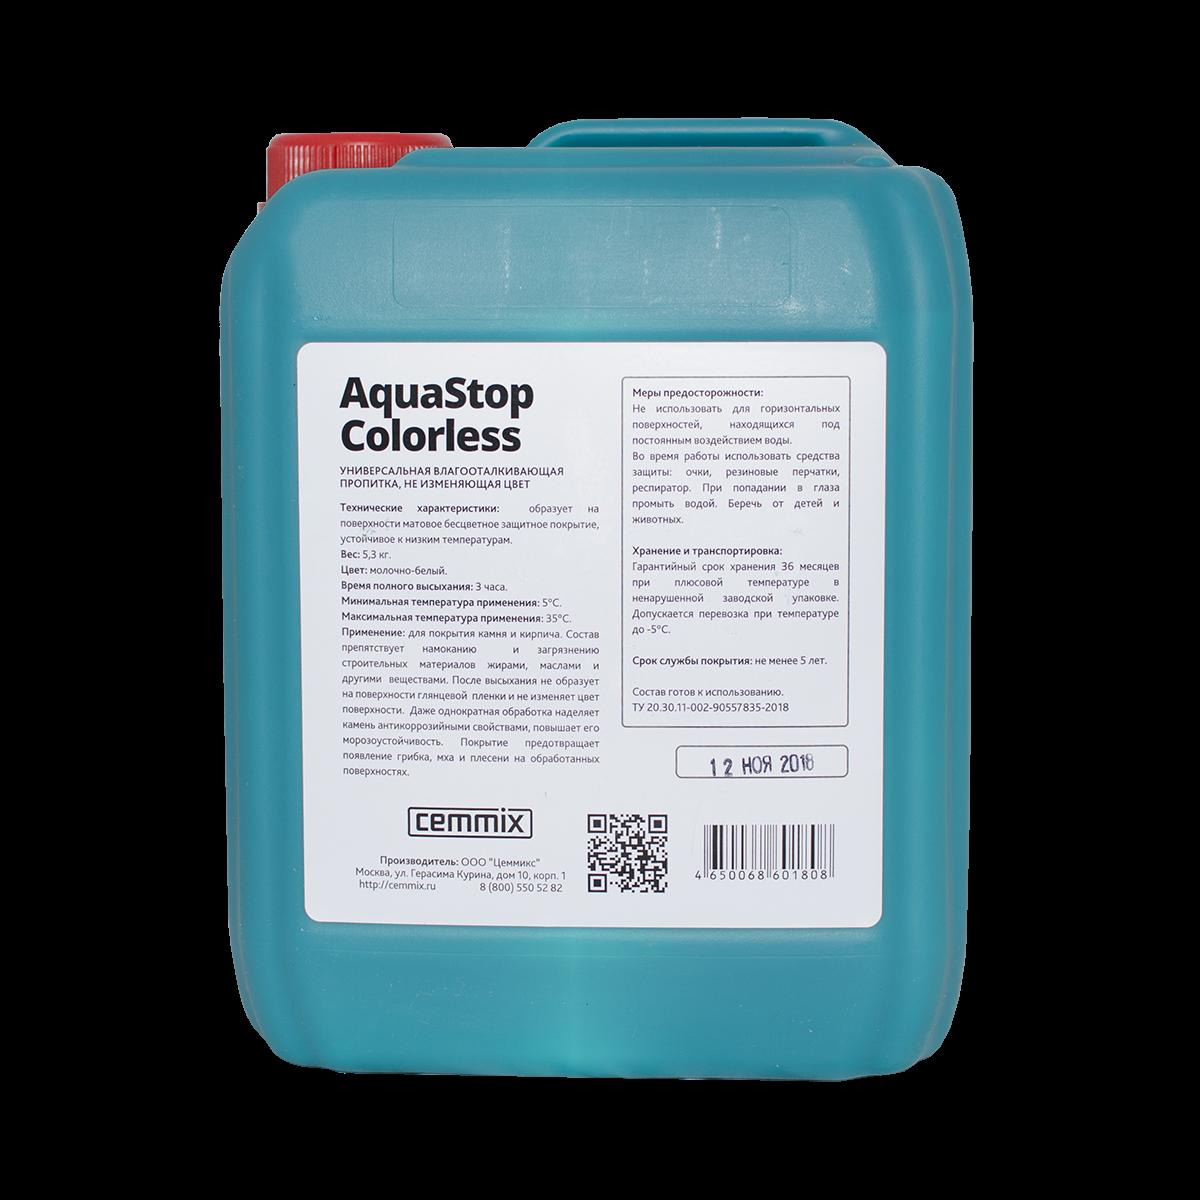 AquaStop Colorless